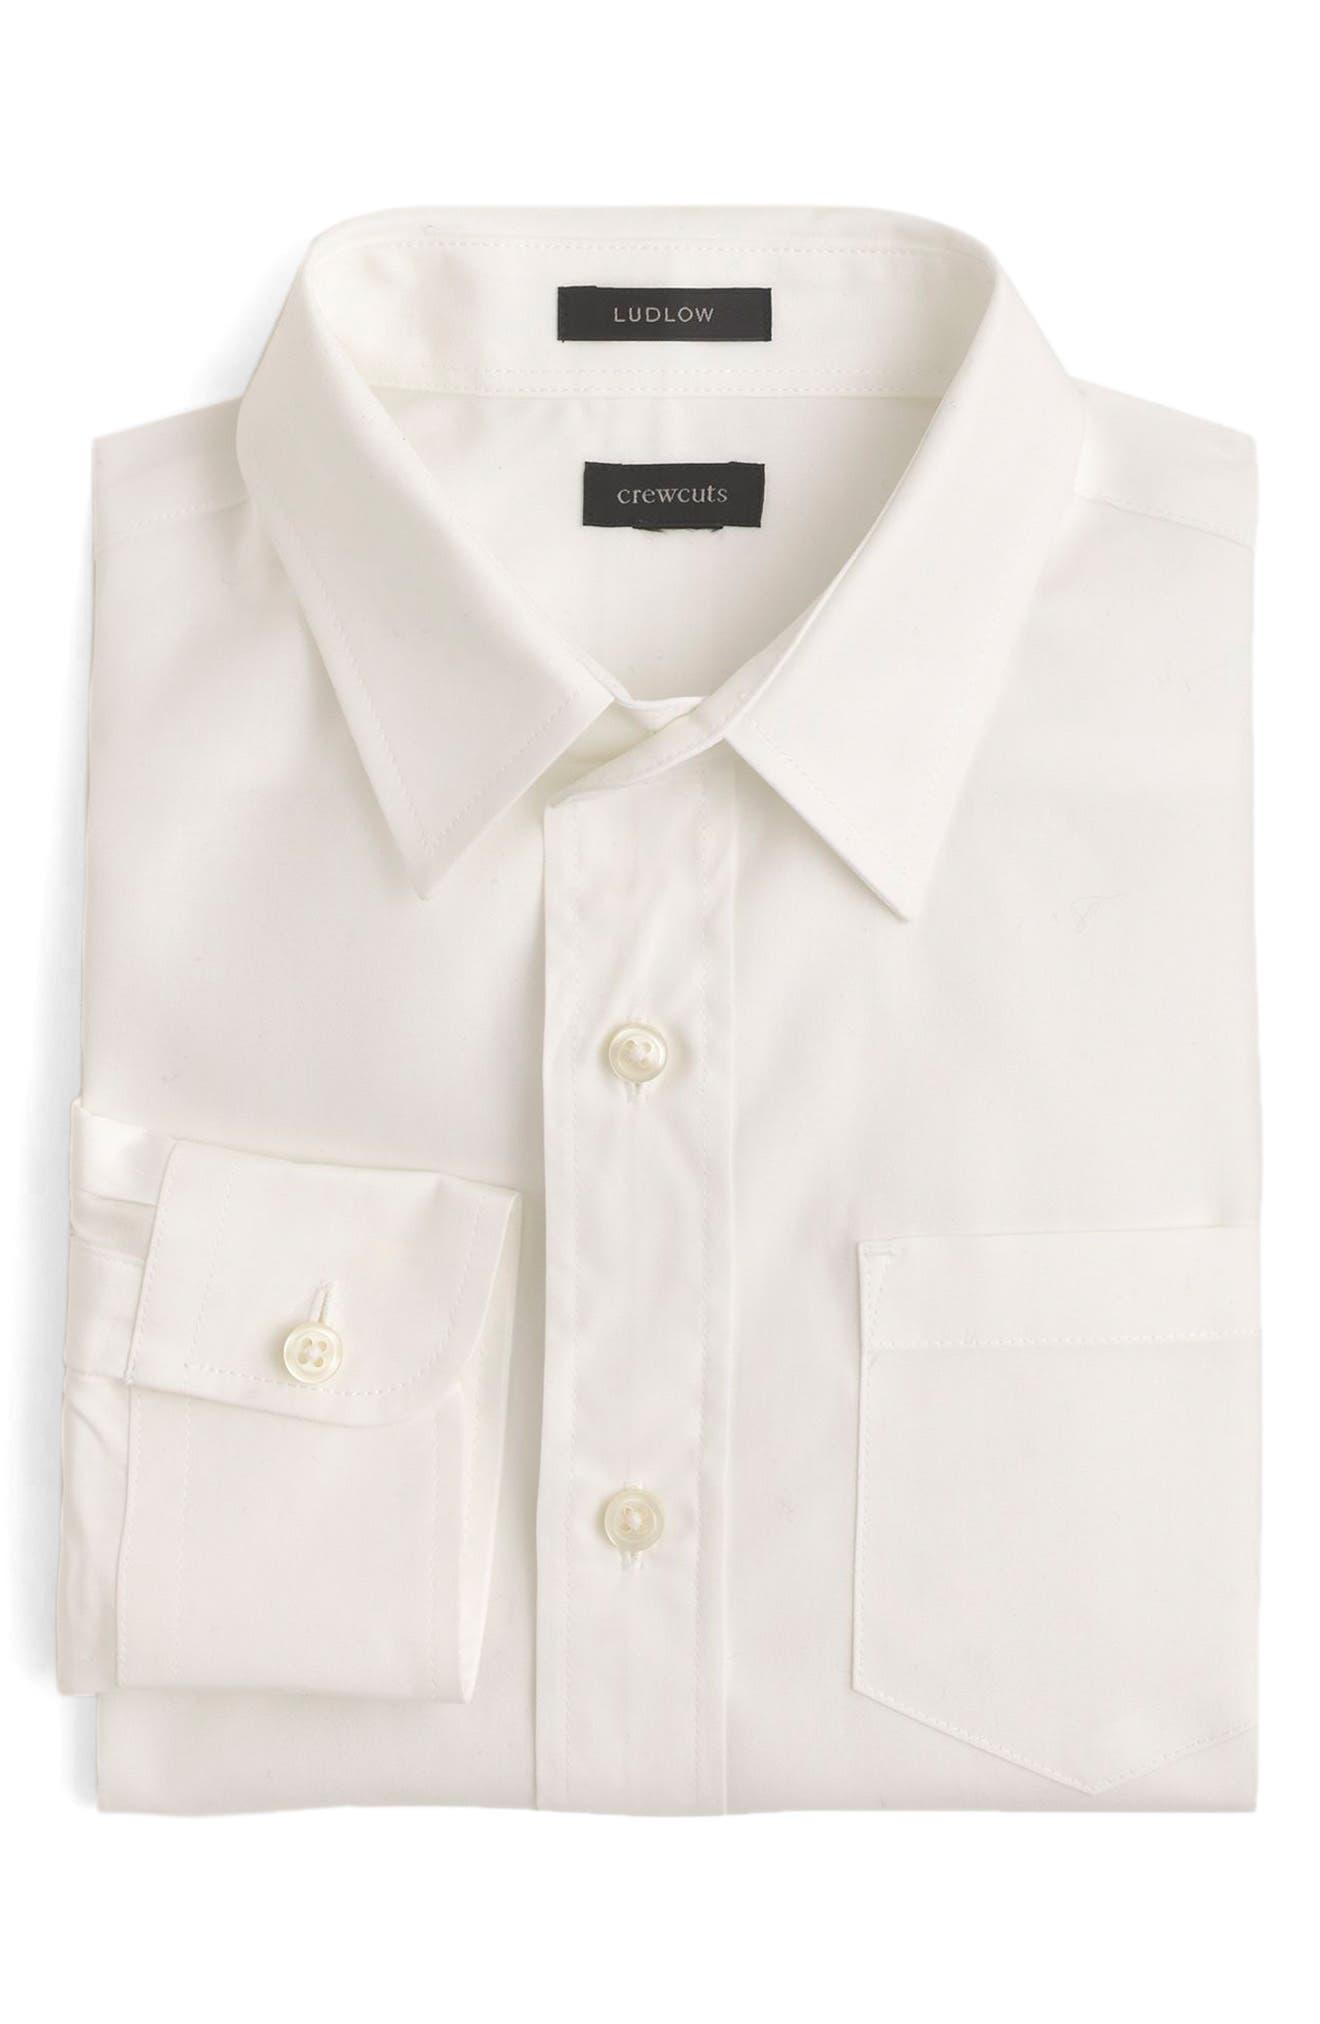 Ludlow Dress Shirt,                             Main thumbnail 1, color,                             White Wt0002